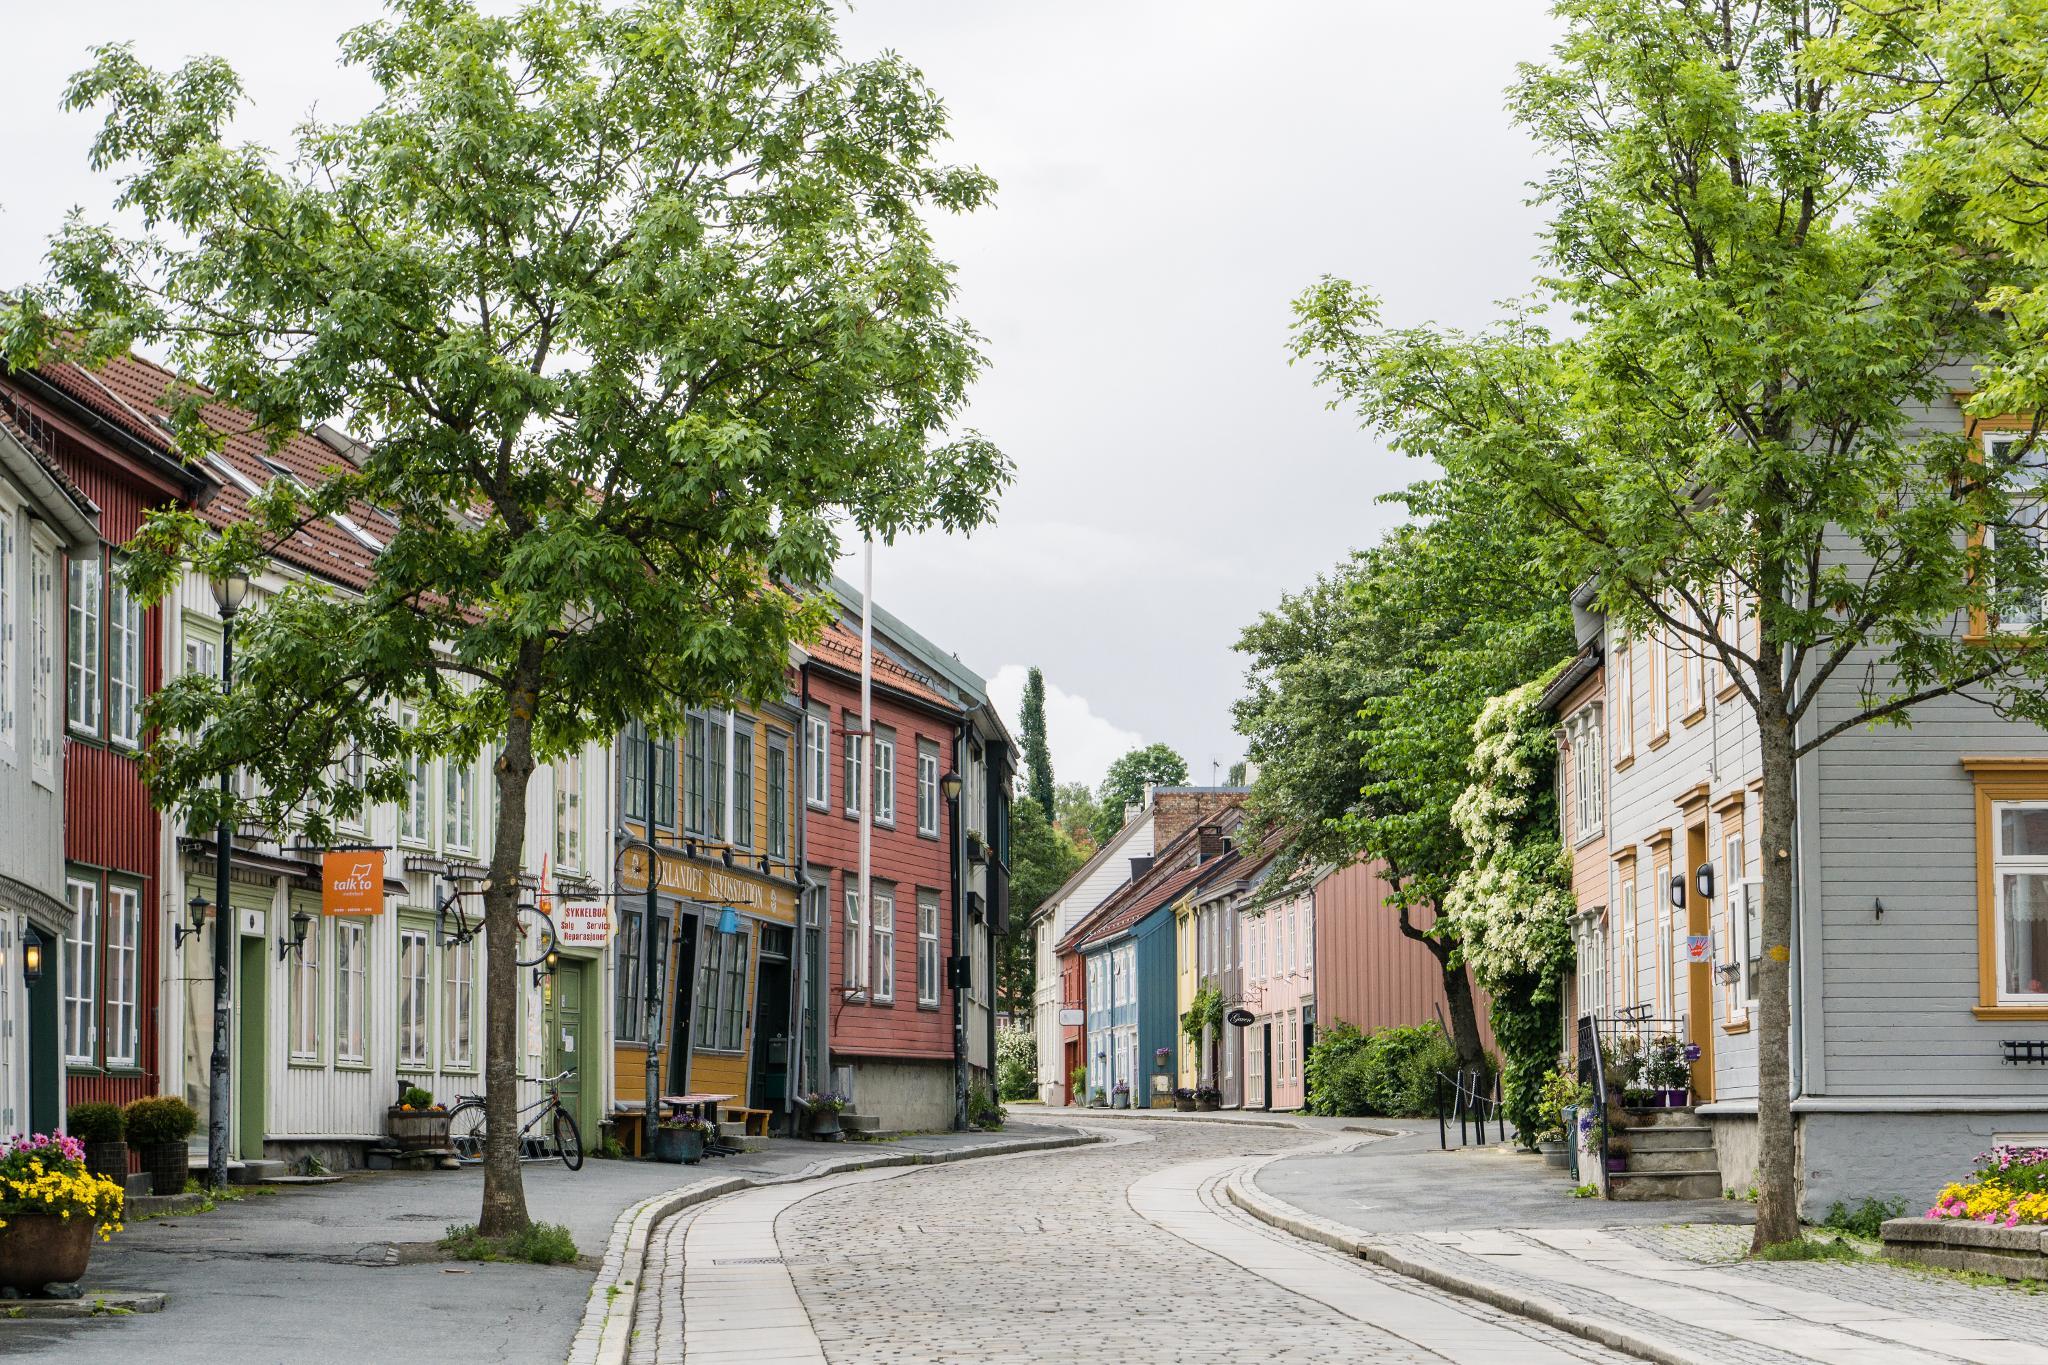 【北歐景點】拜訪維京王的千年古城 - Trondheim 特隆赫姆景點懶人包 41